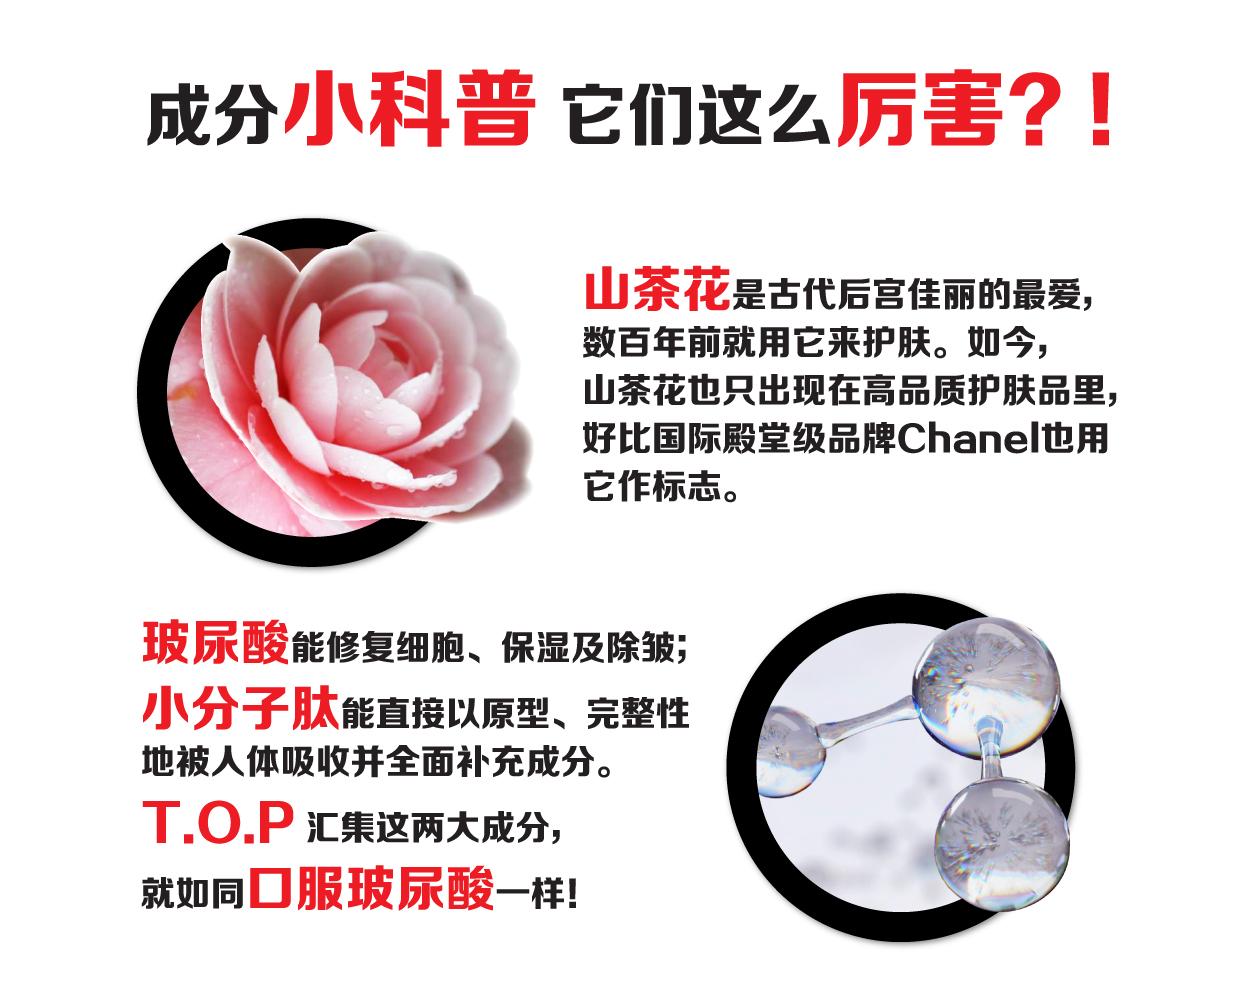 The Original Peptide 胶原蛋白肽_成分小科普